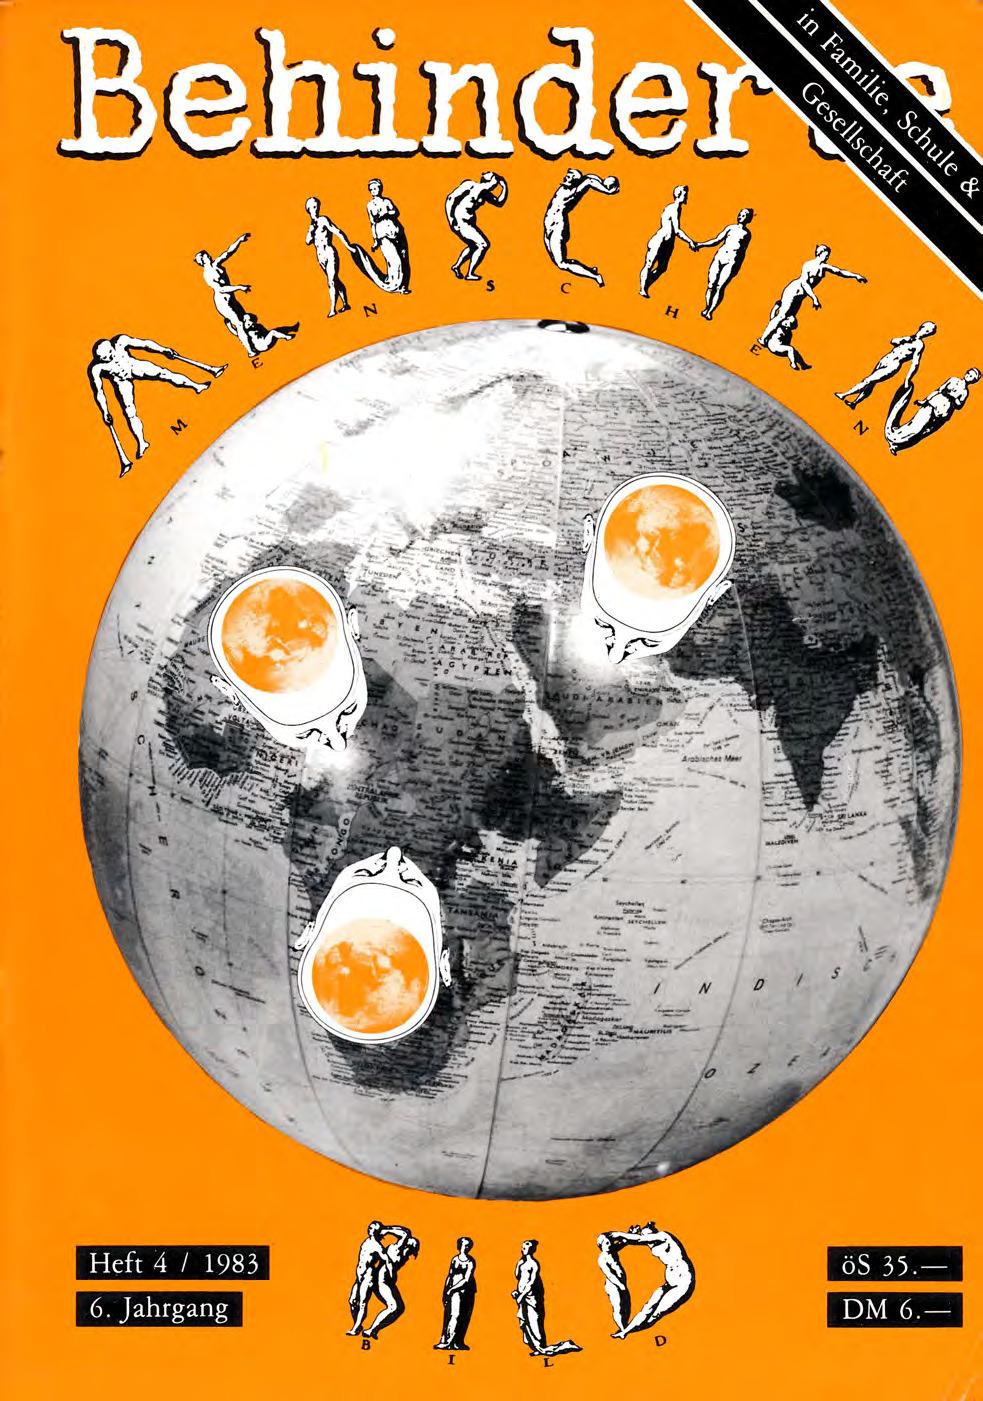 """Titelbild der Zeitschrift BEHINDERTE MENSCHEN, Ausgabe 4/1983 """"Menschenbild"""""""